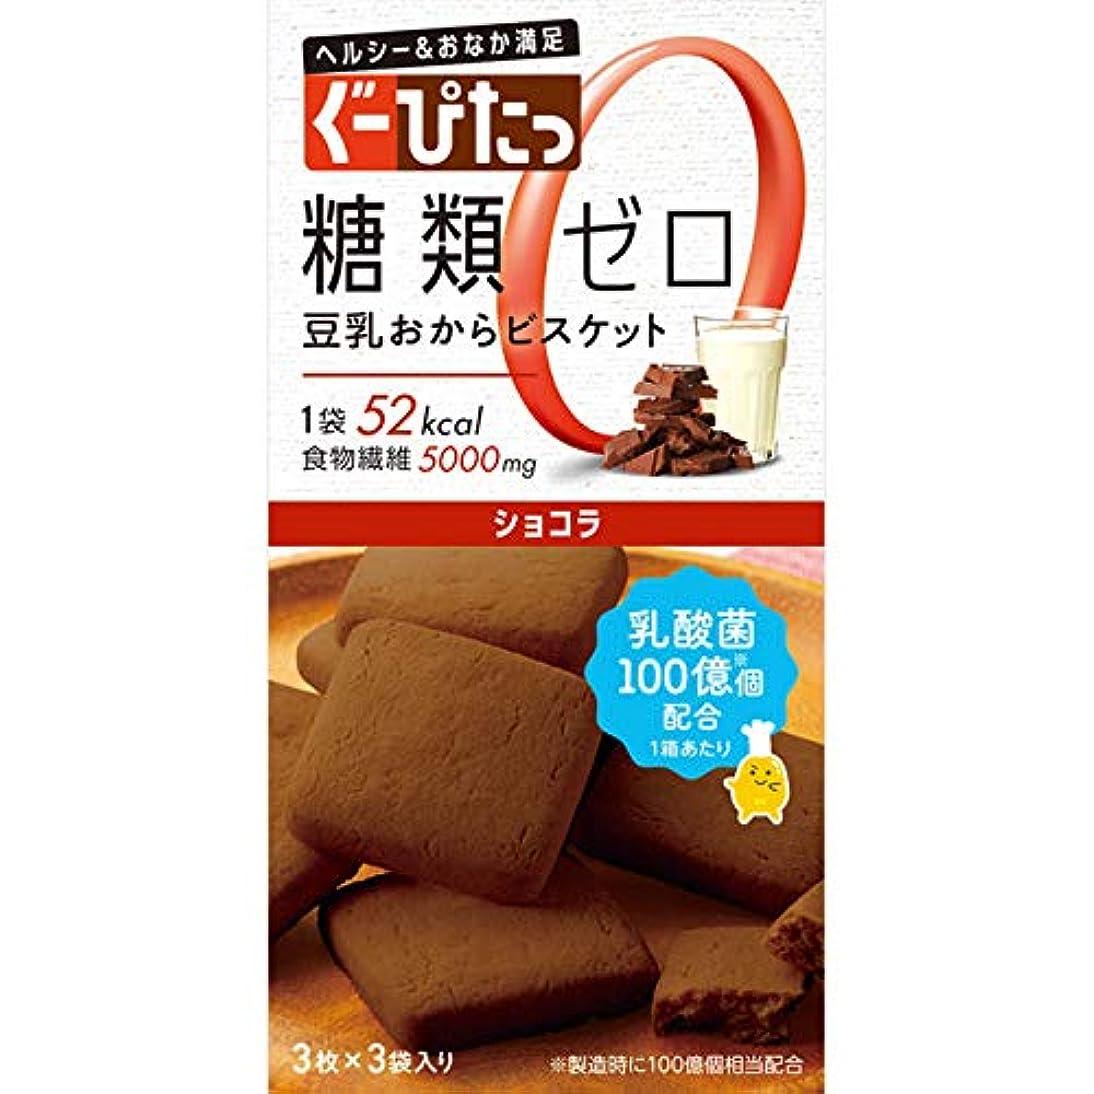 それによって独創的くびれたナリスアップ ぐーぴたっ 豆乳おからビスケット ショコラ (3枚×3袋) ダイエット食品